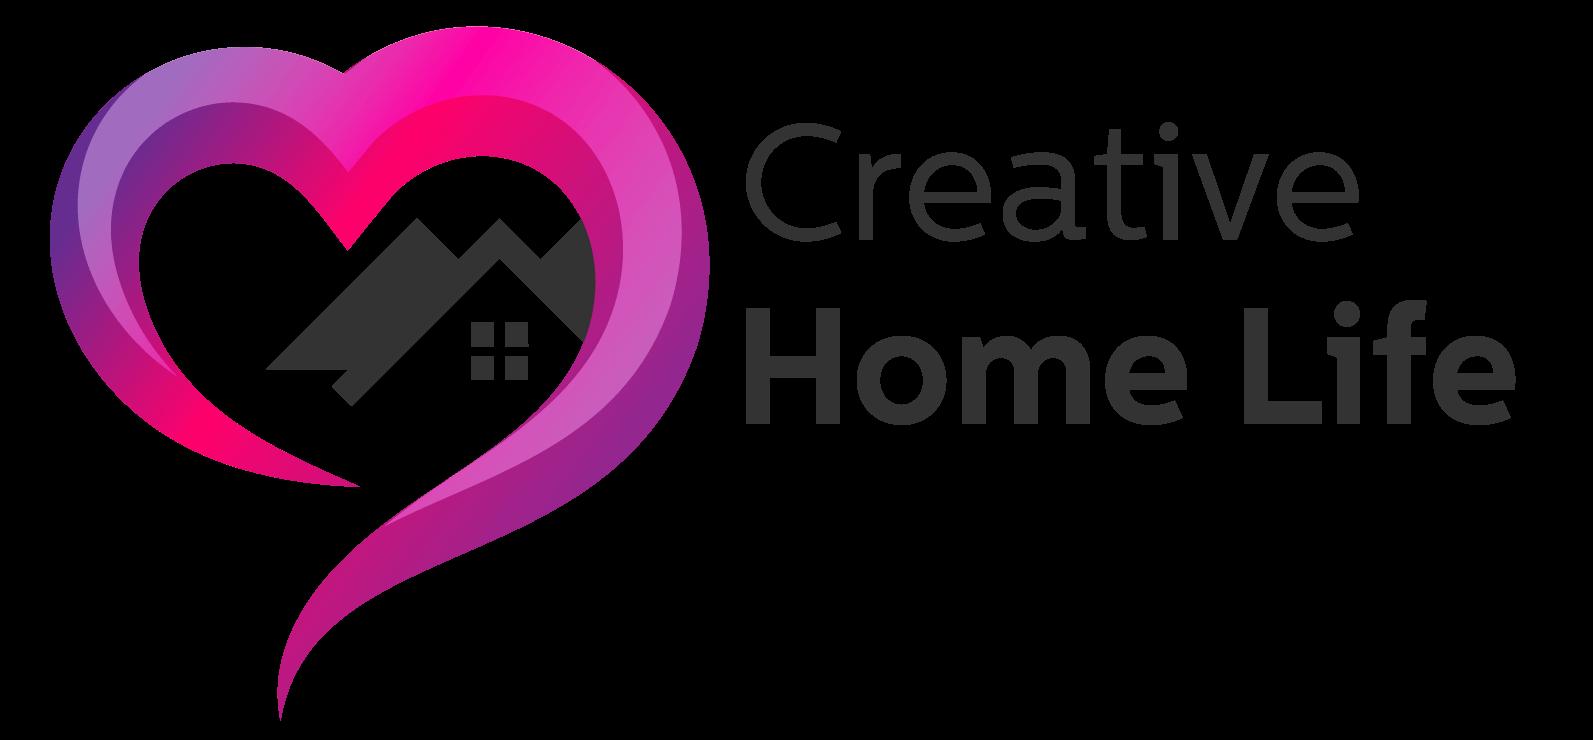 Creative Home Life